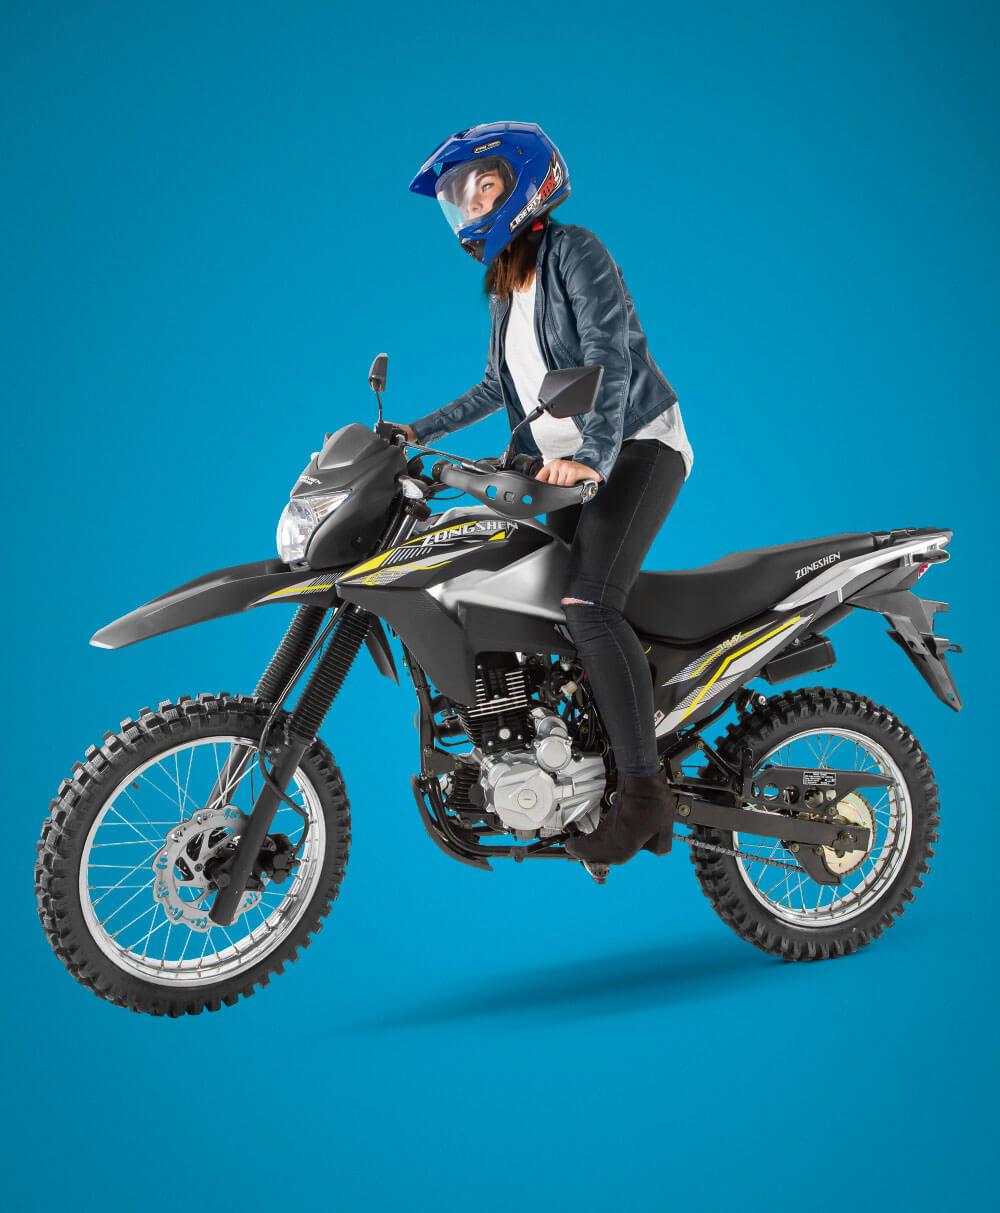 Motocicleta-Triax200-vista6